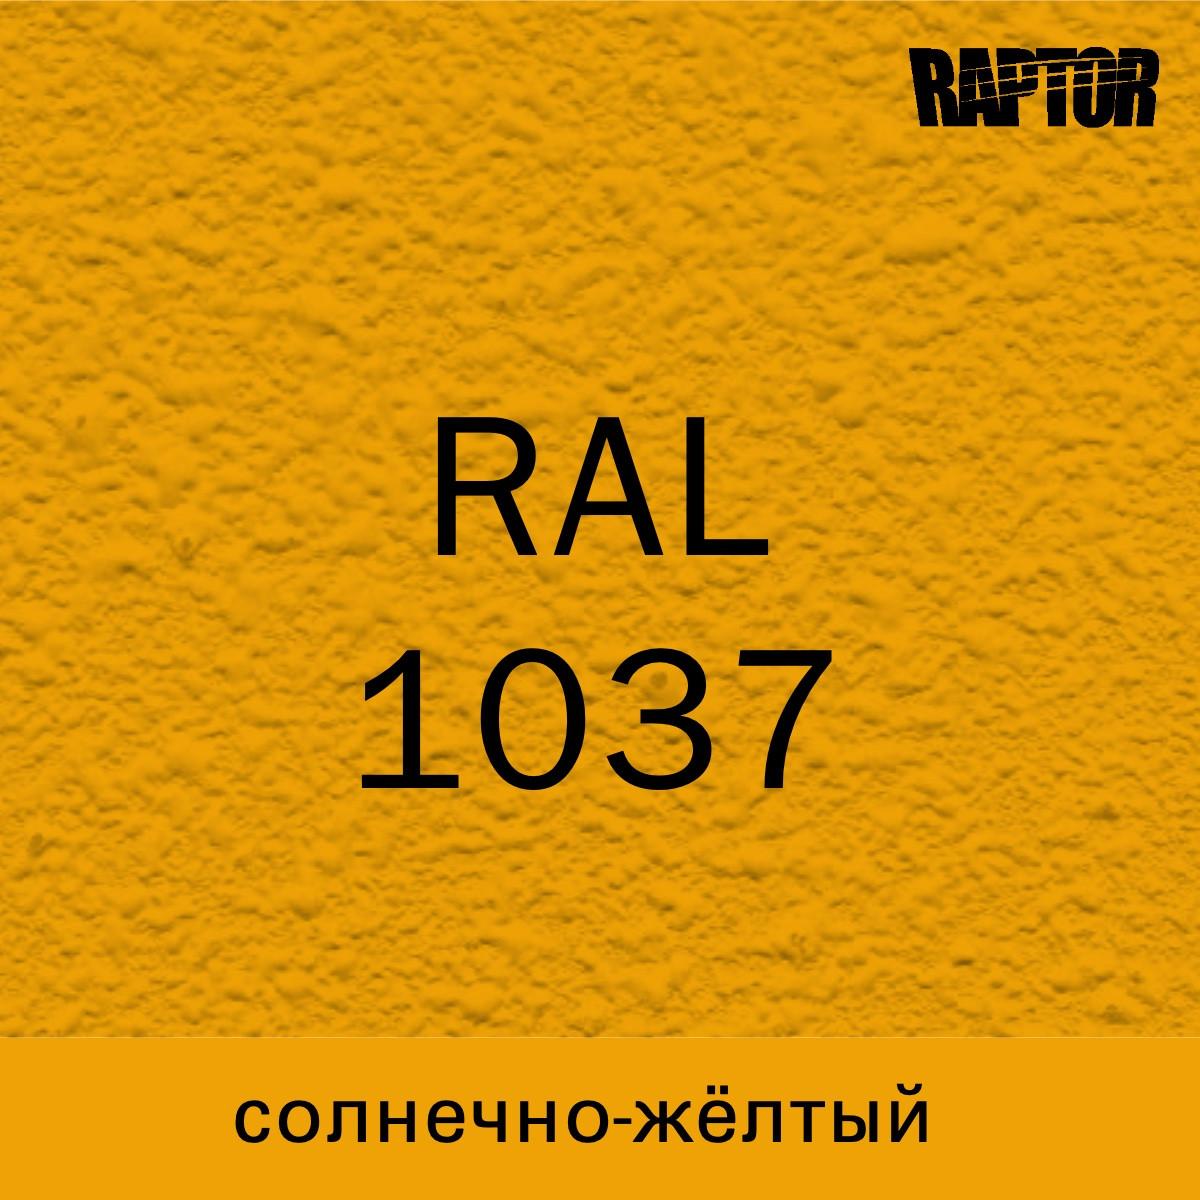 Пигмент для колеровки покрытия RAPTOR™ Солнечно-жёлтый (RAL 1037)